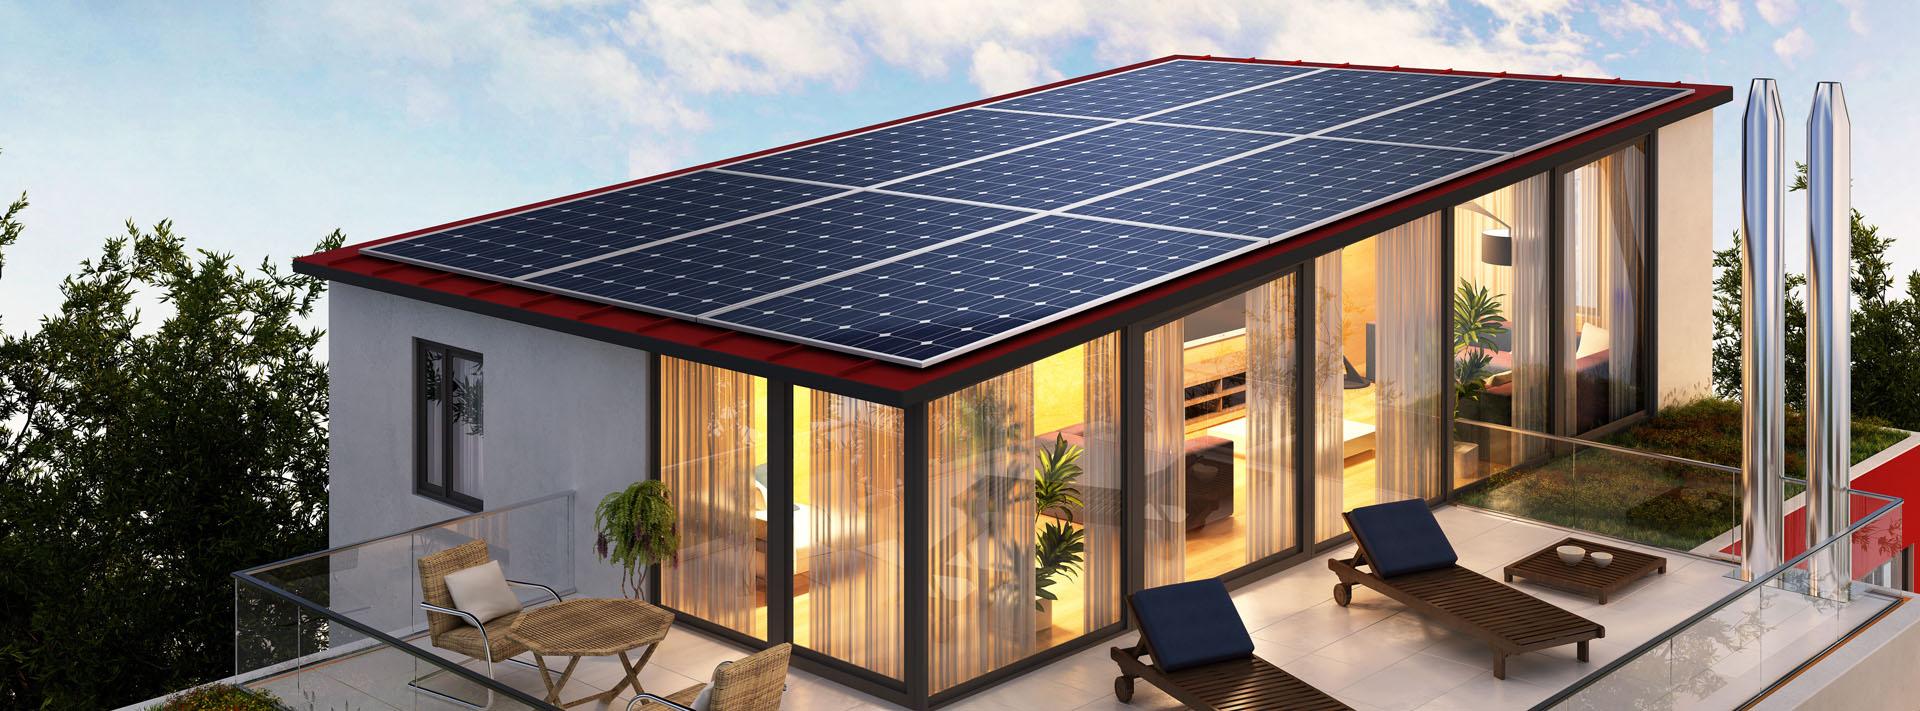 Photovoltaik zum Eigenverbrauch, Autarkie und Wirtschaftlichkeit